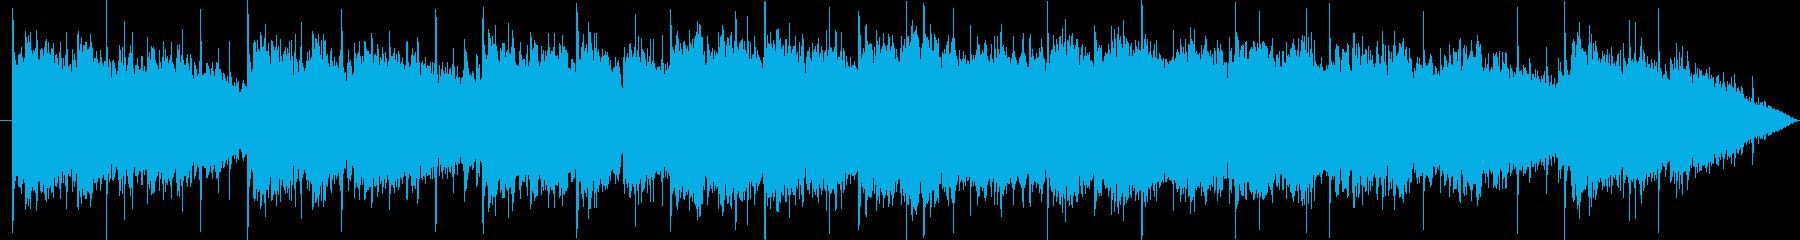 サックスが静かにメロディーを奏でます。の再生済みの波形